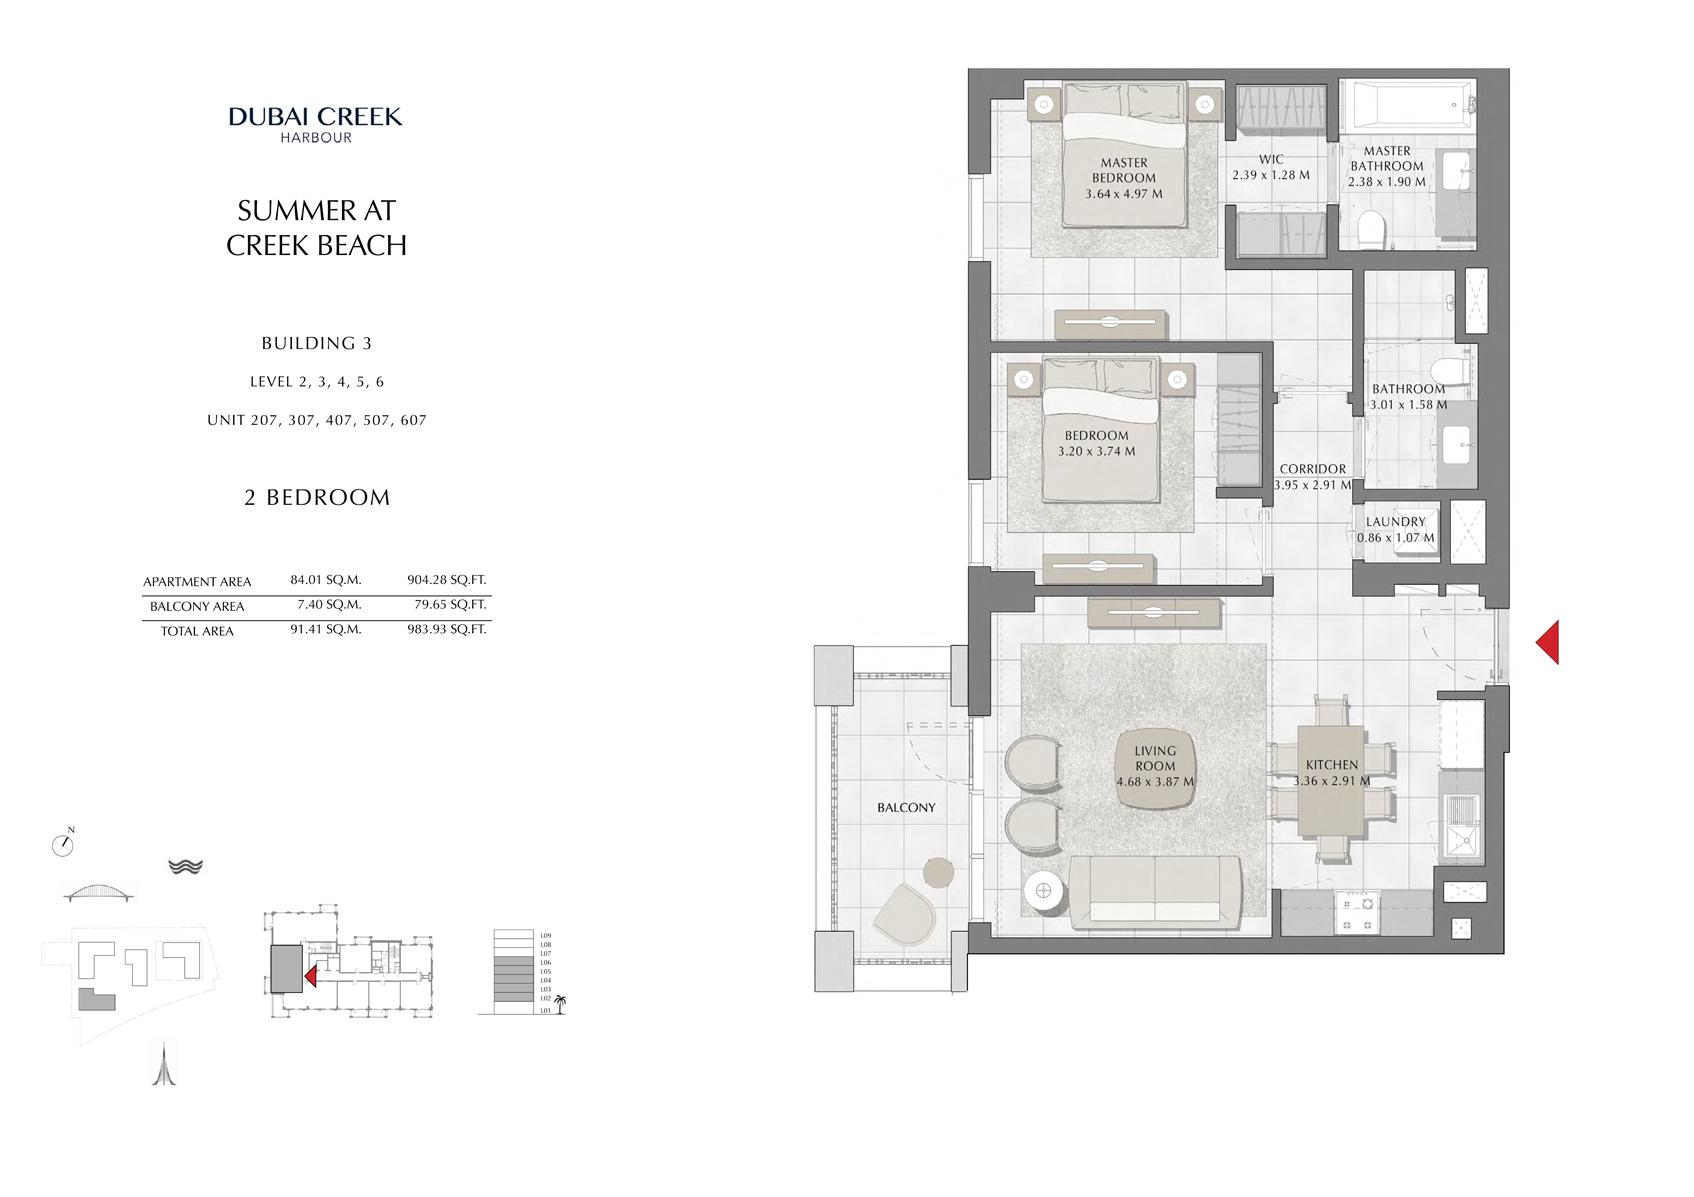 2 Br Building 3 Level-2-3-4-5-6 Unit-207-307-407-507-607, Size 983 Sq Ft